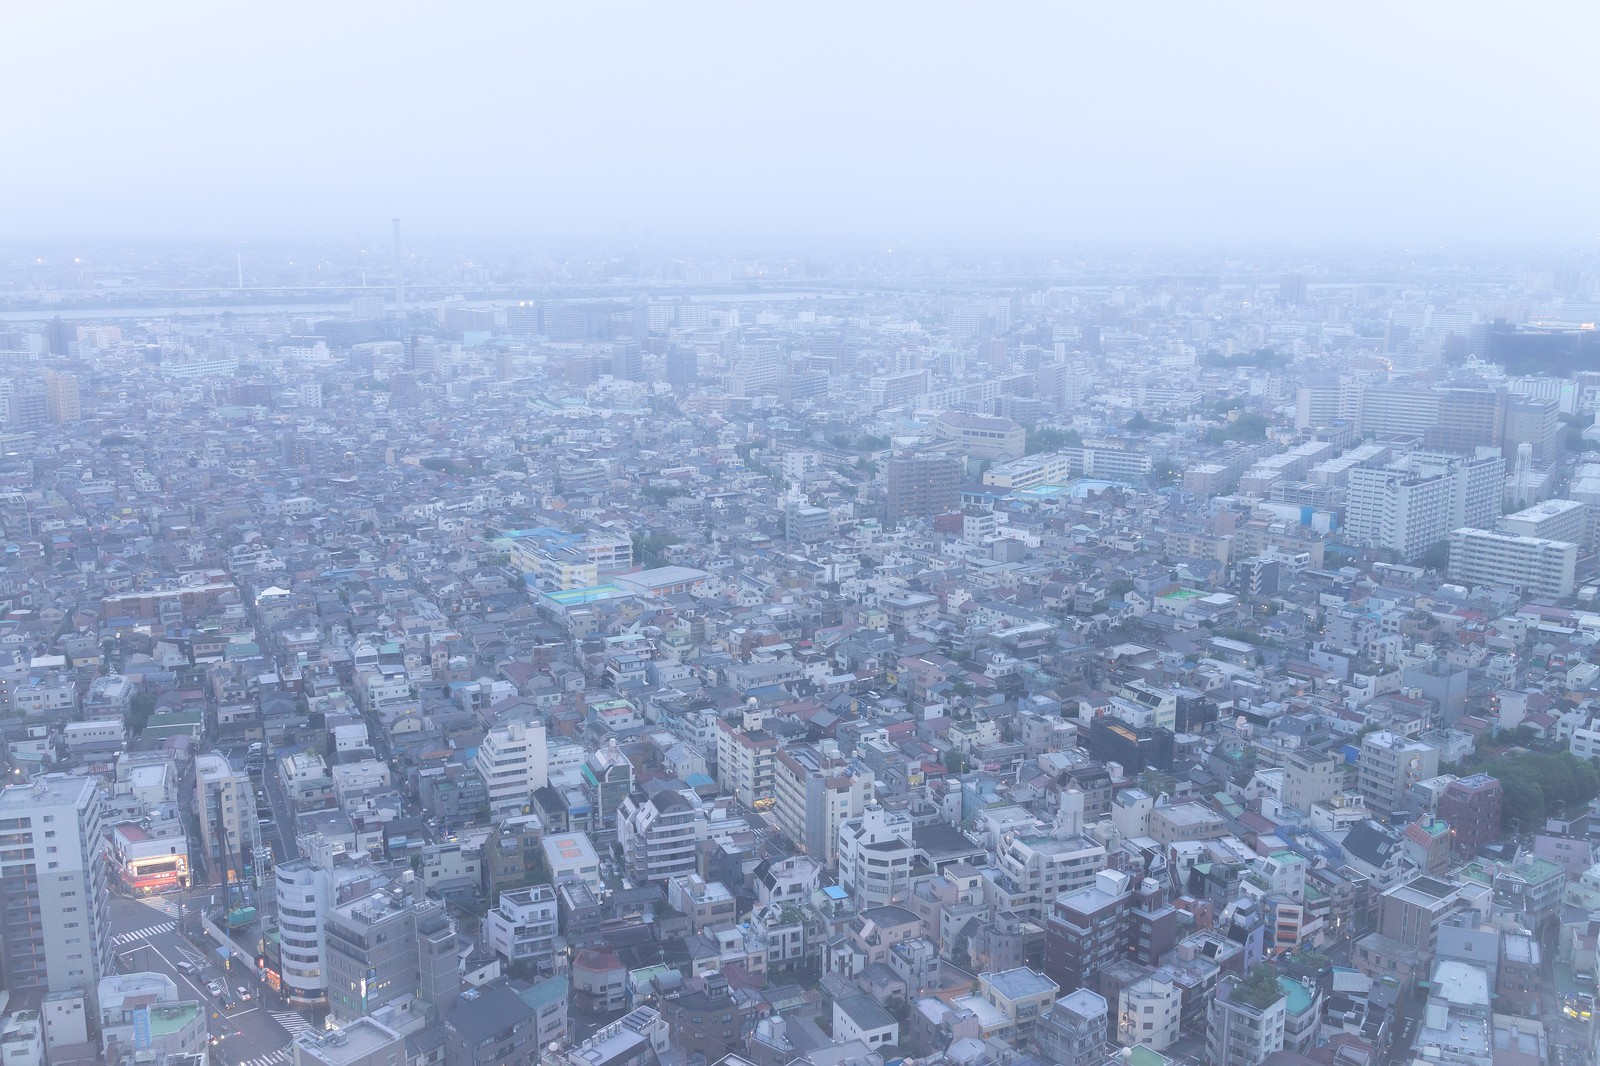 「天候が悪い街並み天候が悪い街並み」のフリー写真素材を拡大